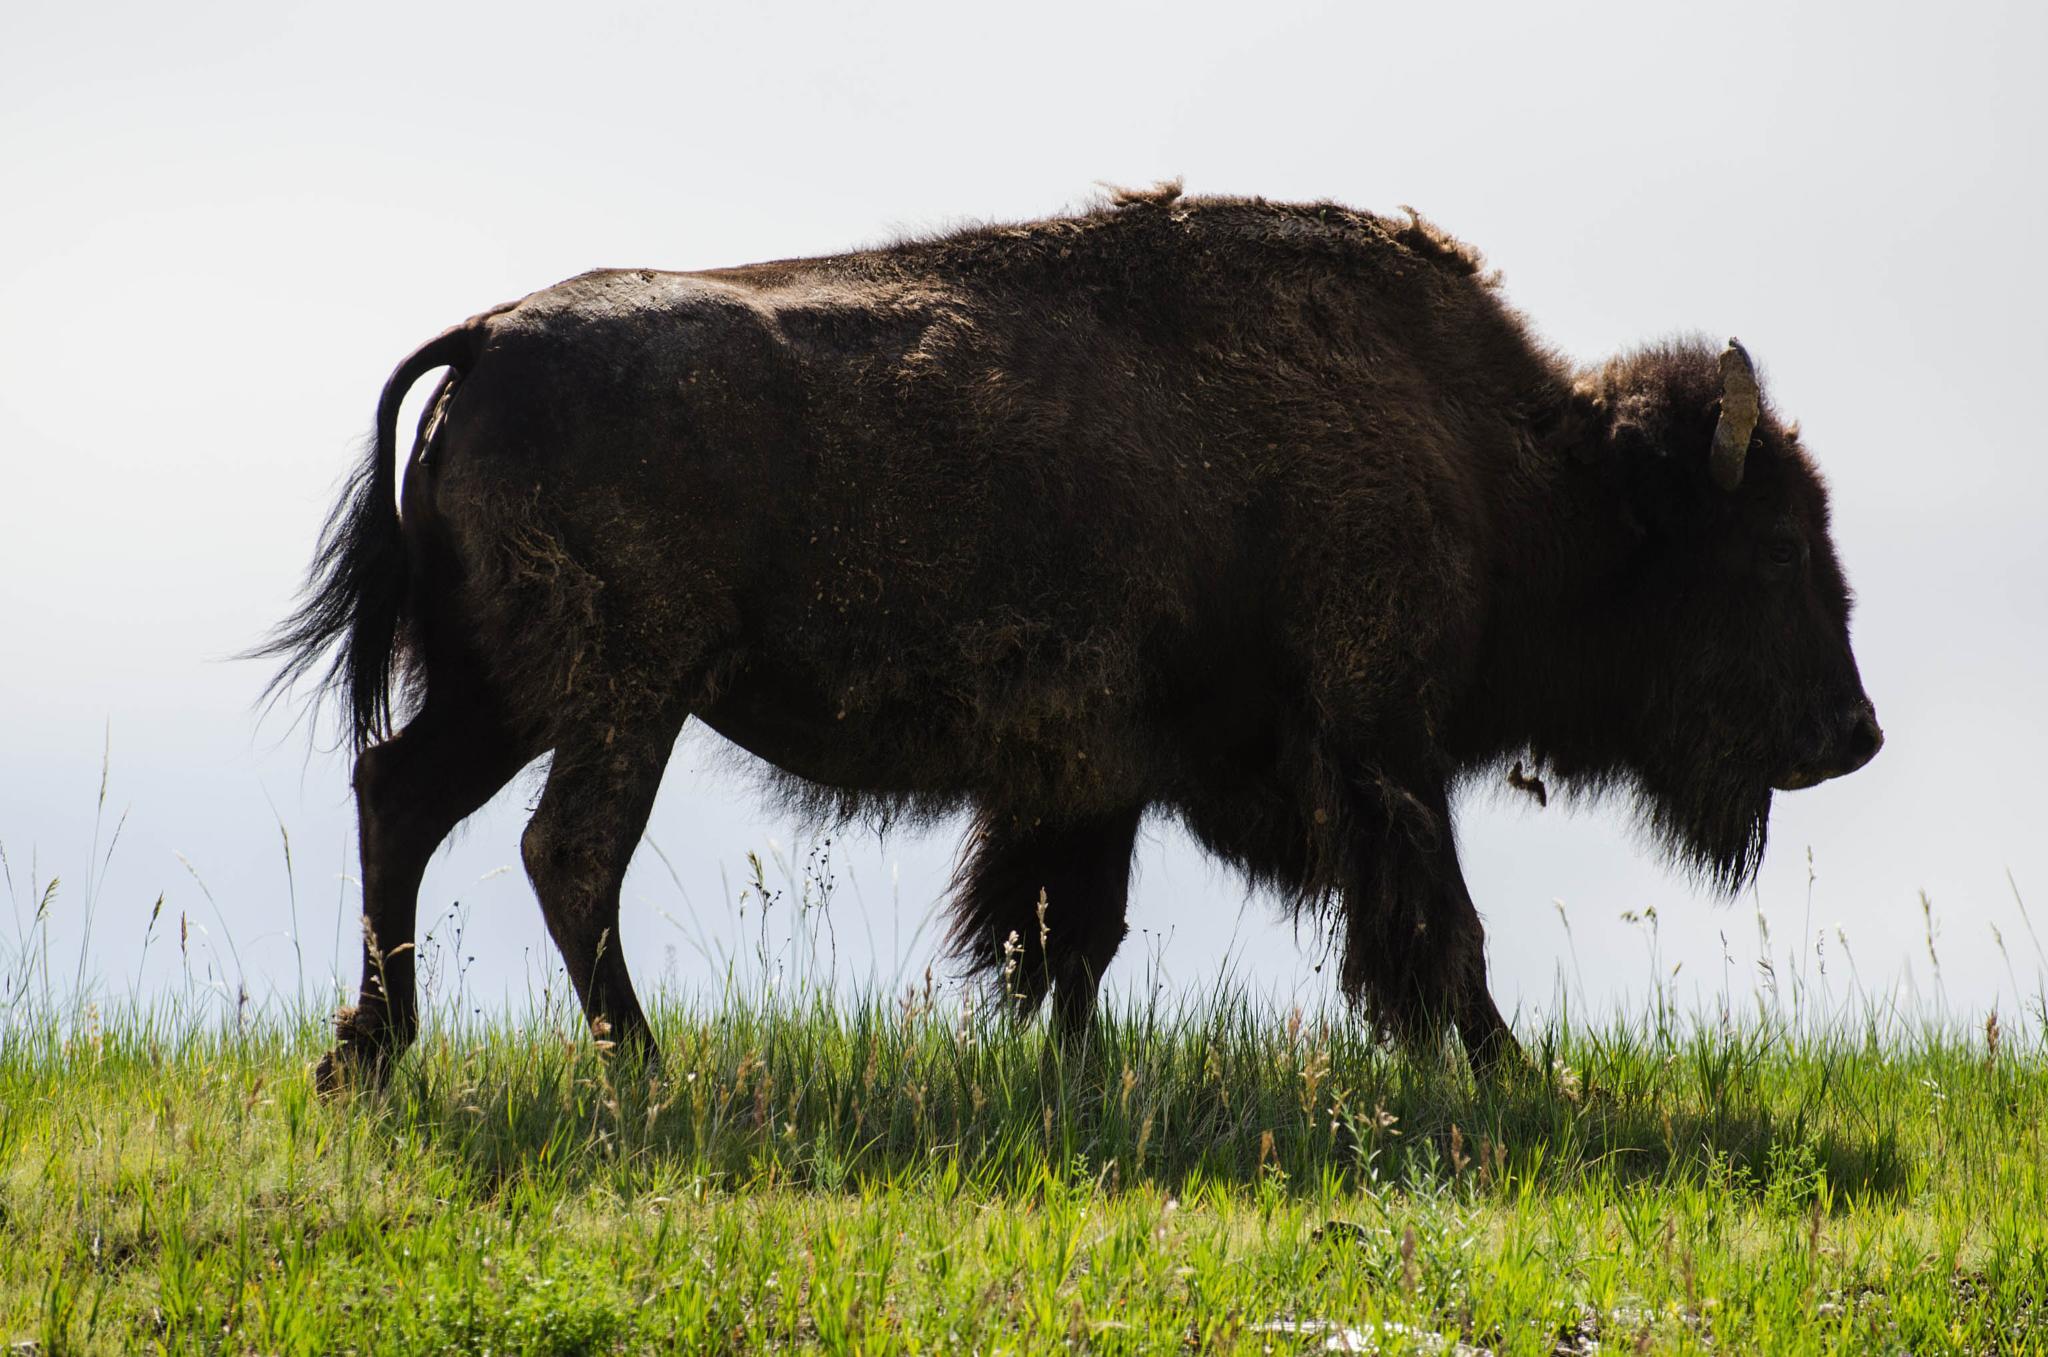 Buffalo Walk by wxwatcher